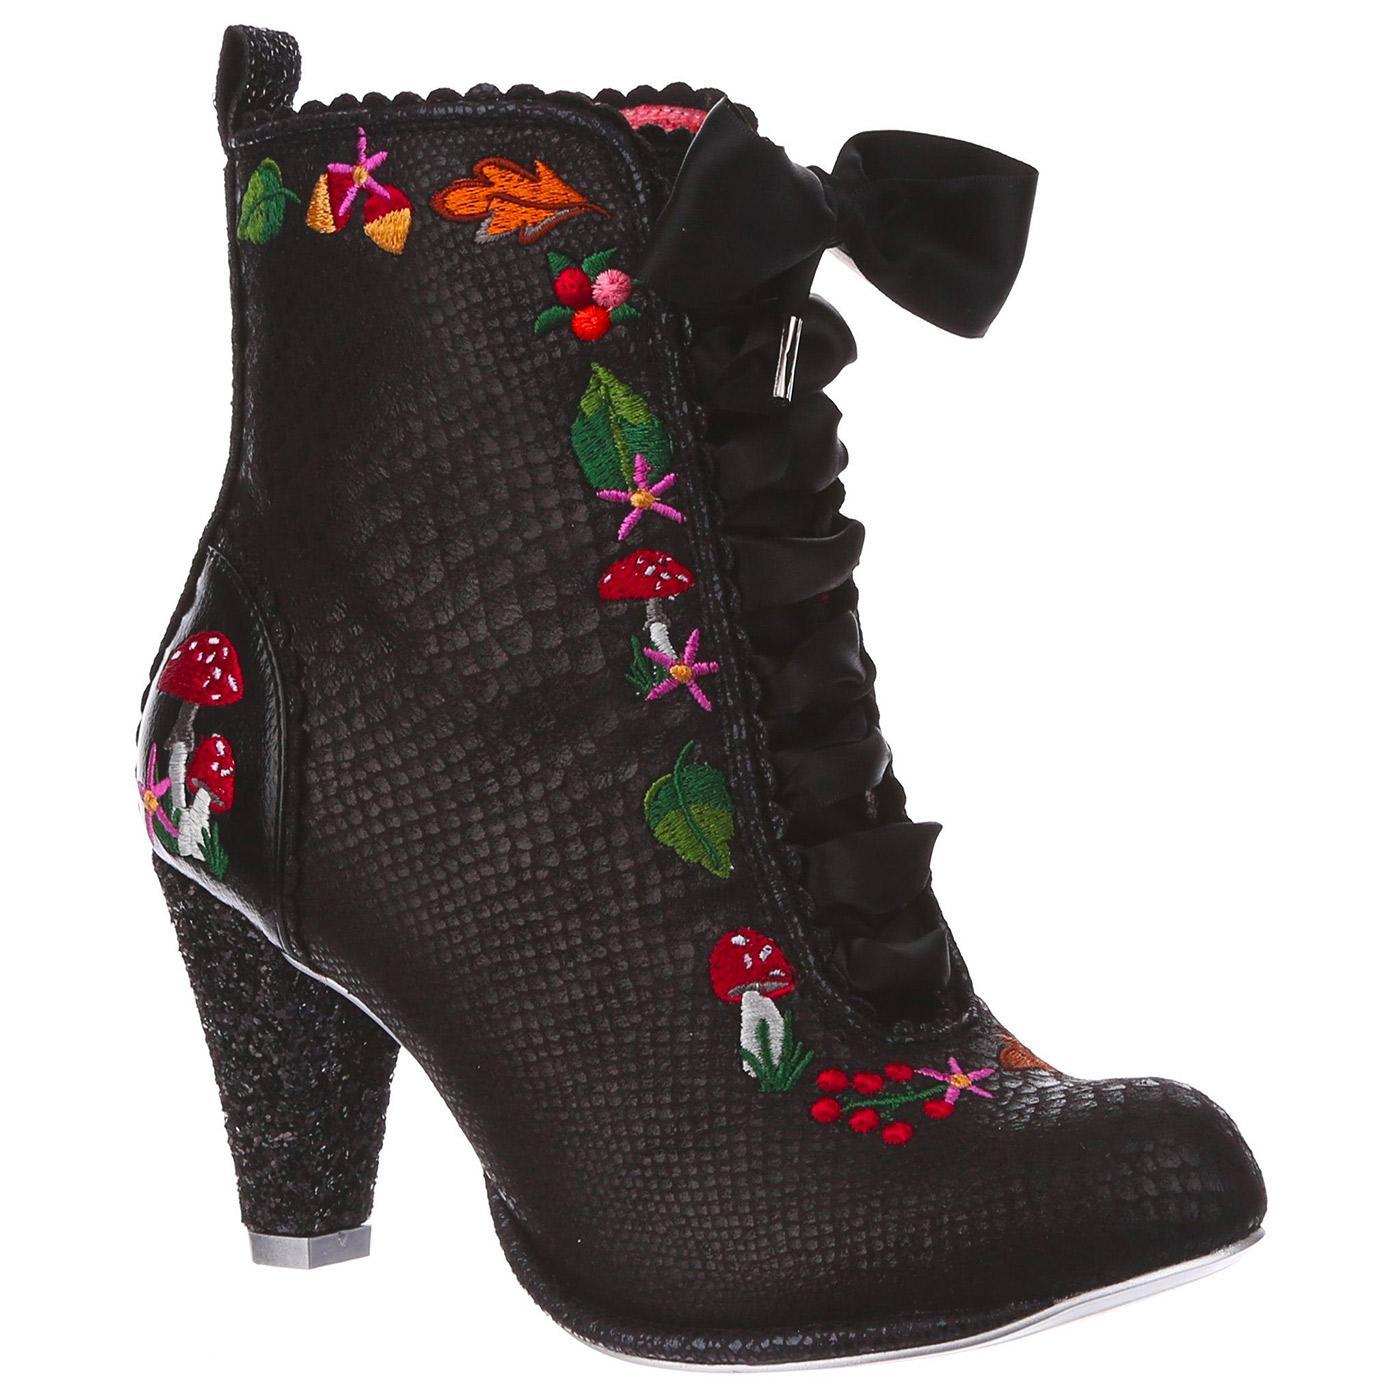 Woodland Wander IRREGULAR CHOICE Heel Boots (B)